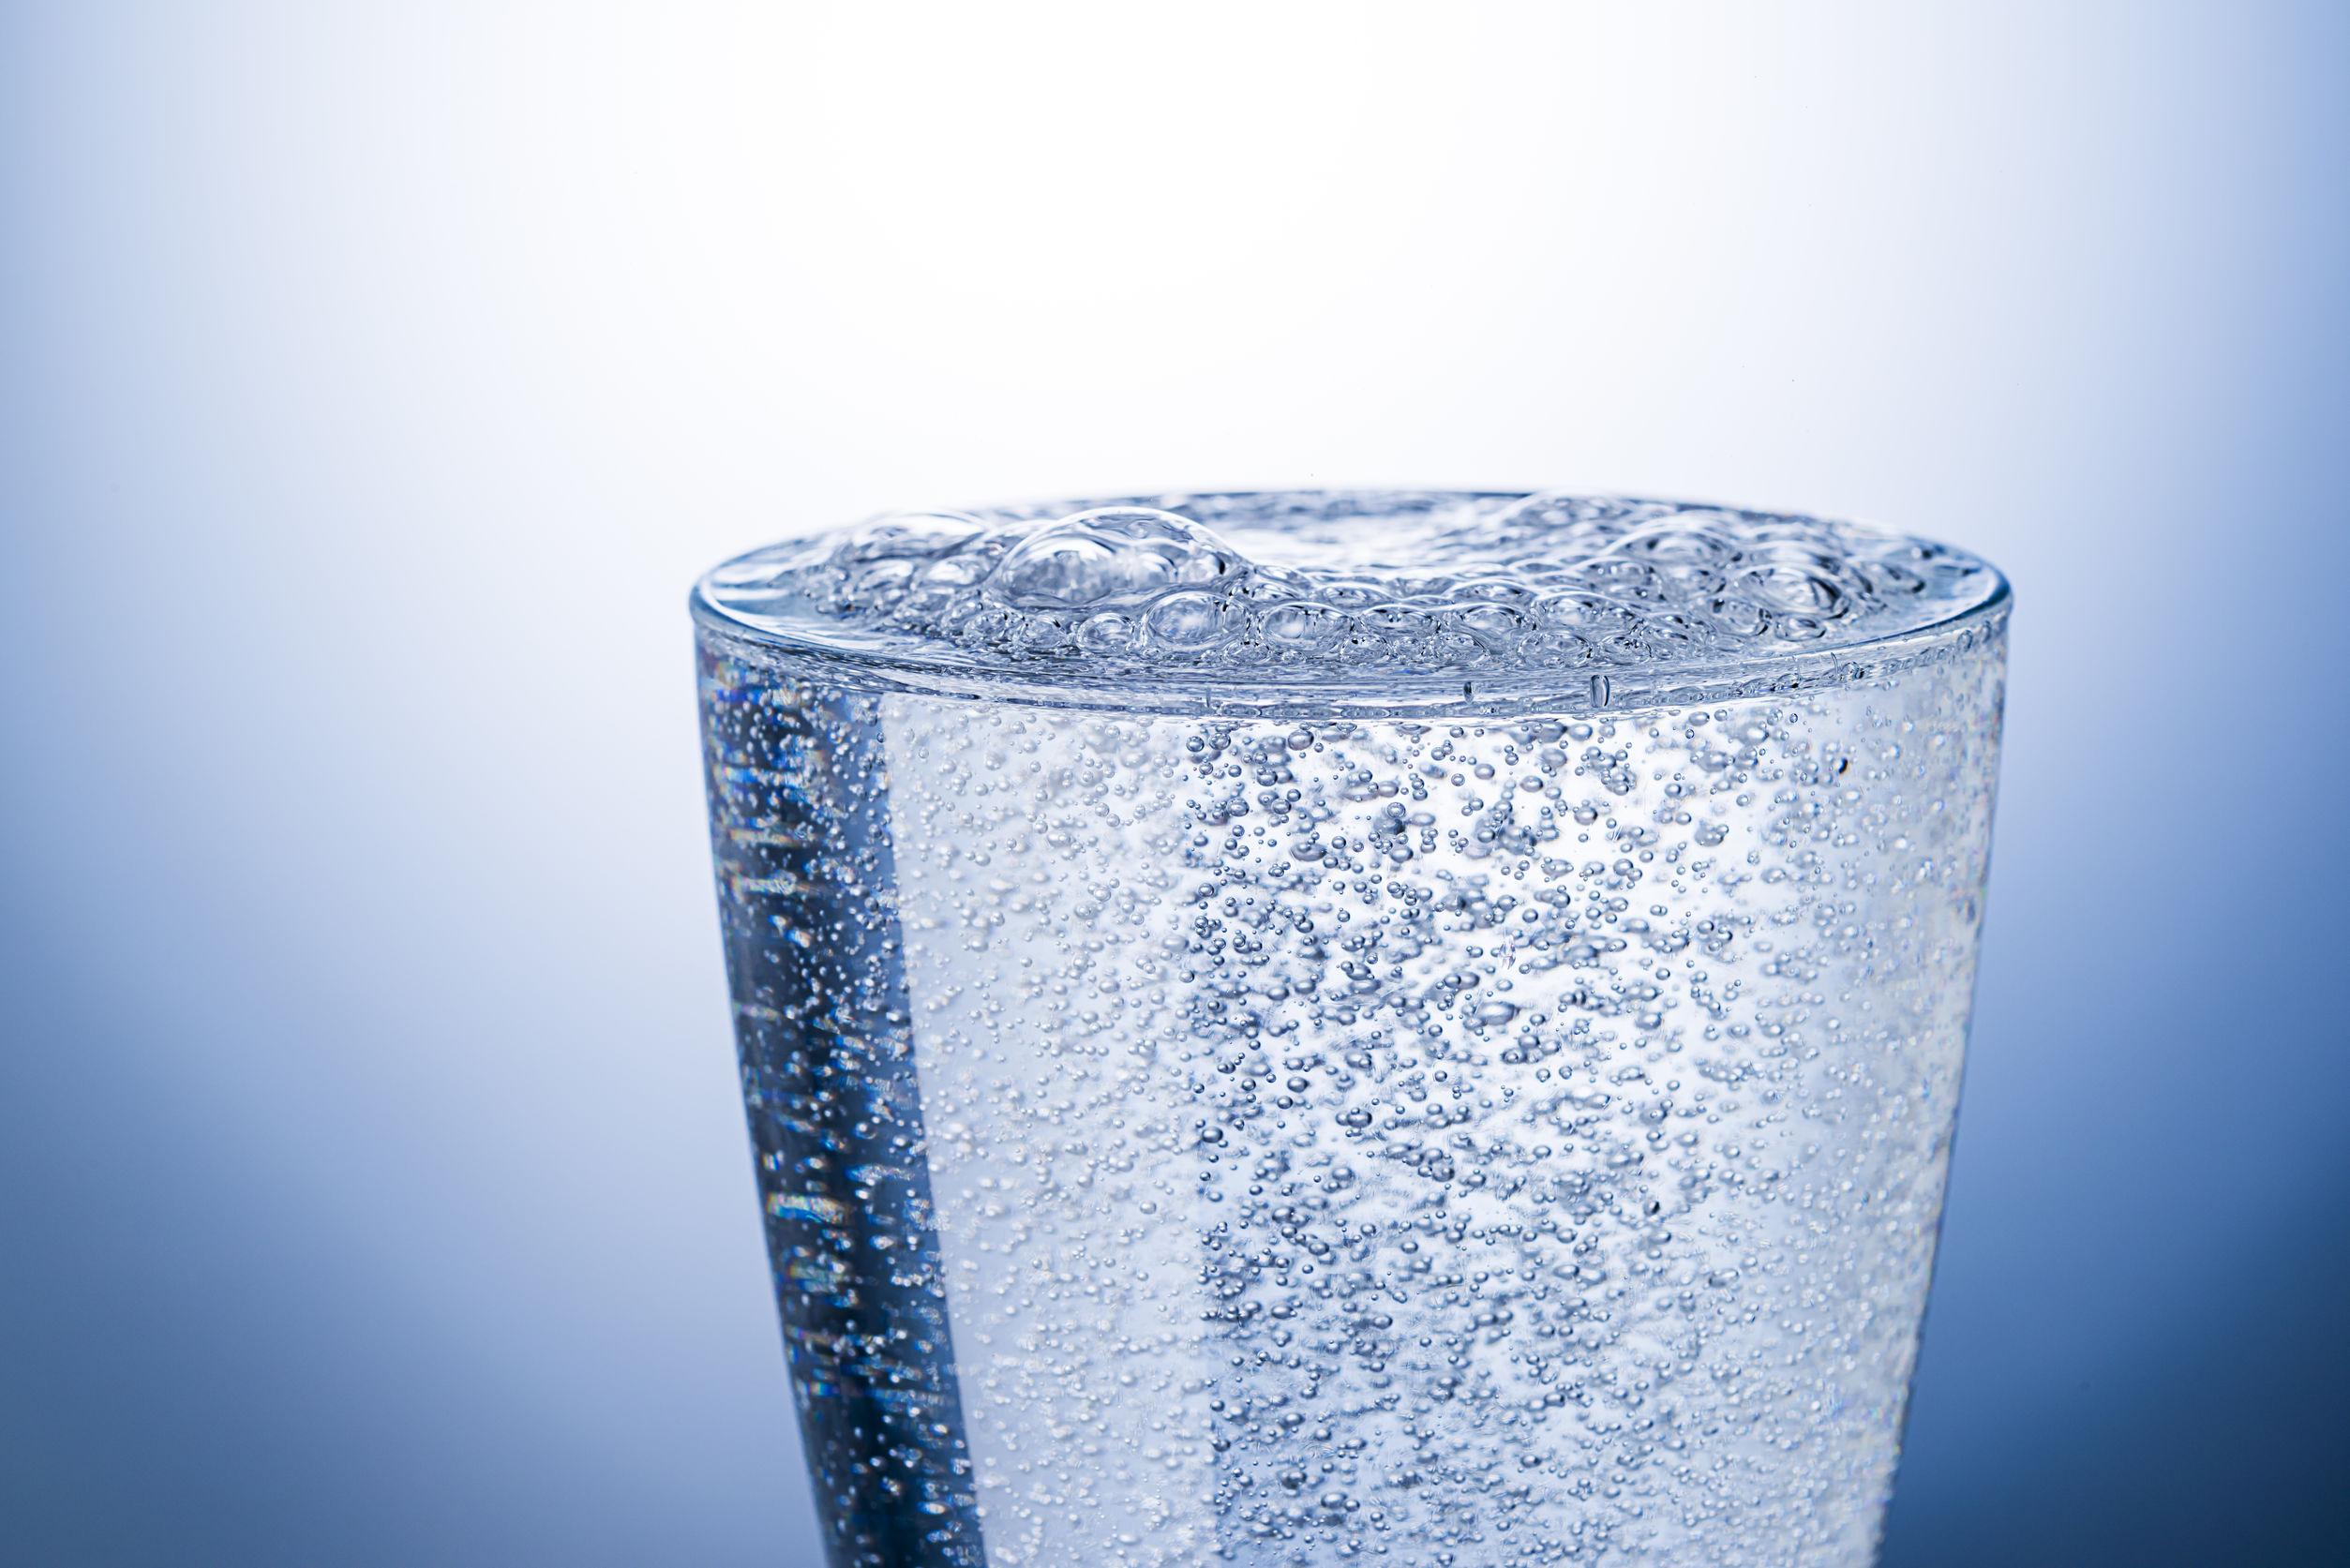 Aarke Wassersprudler: Test & Empfehlungen (05/21)